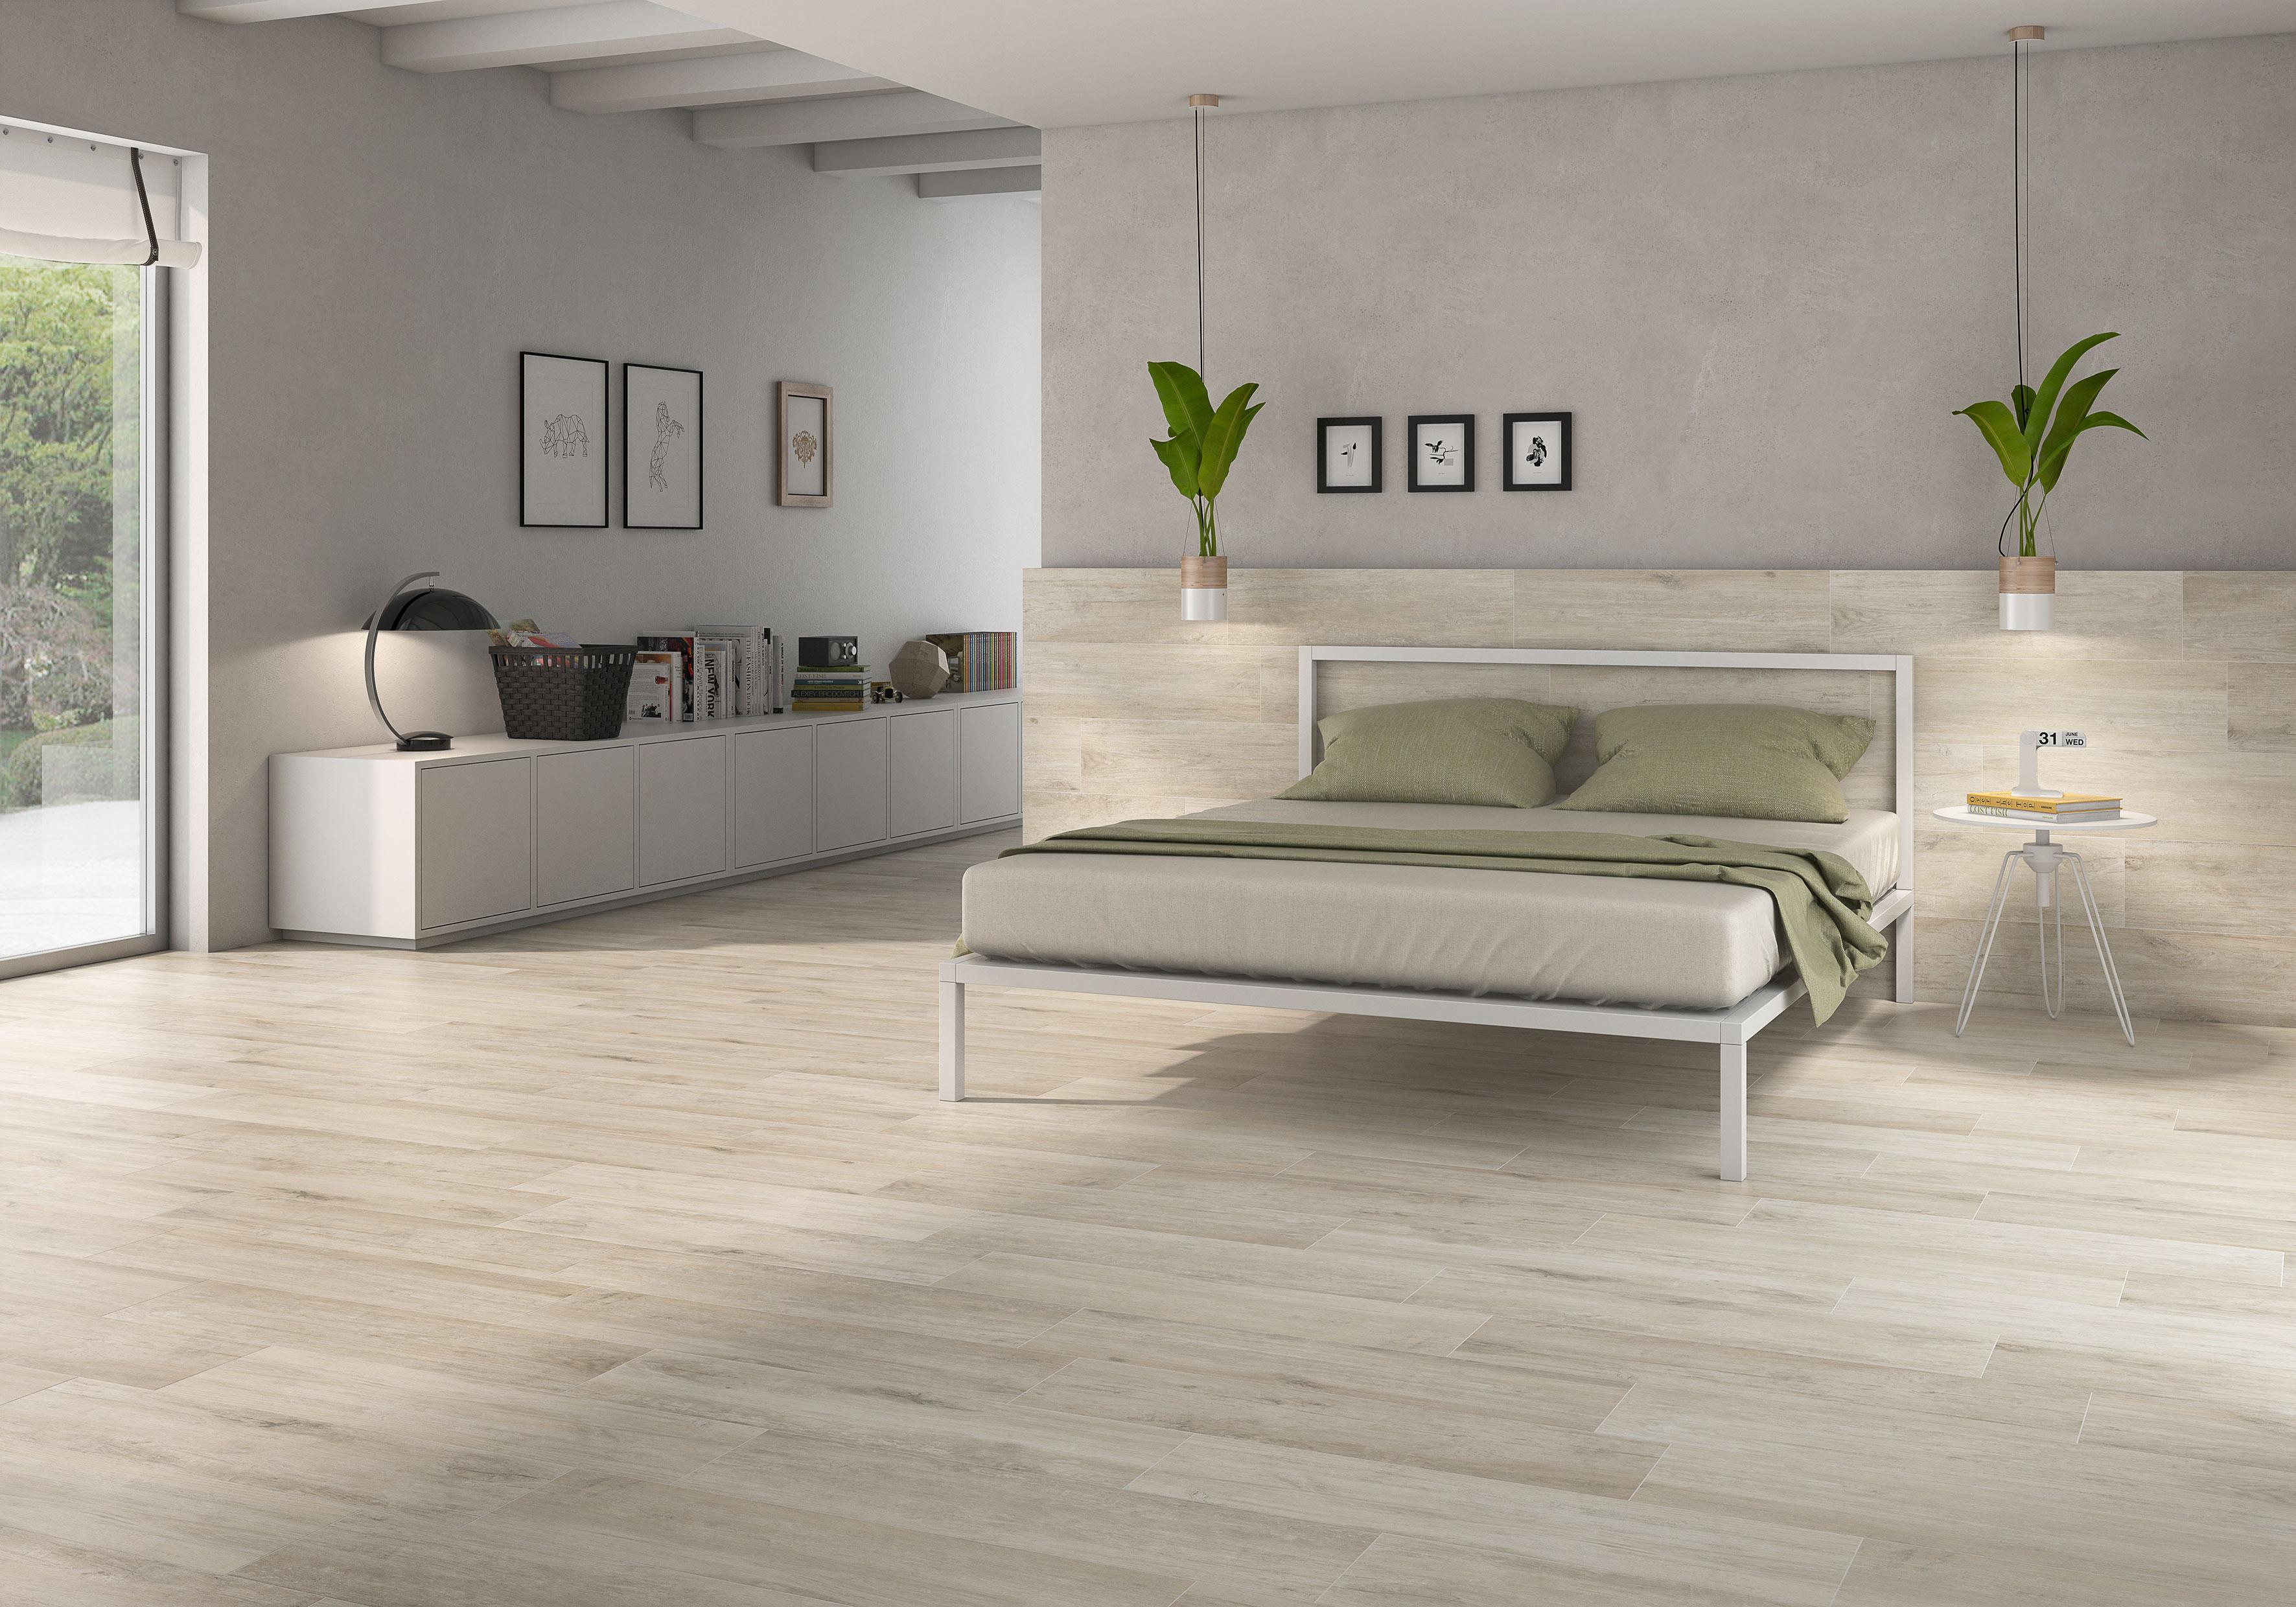 Wood effect tiles ct kingswood musgo - Ceramicos imitacion madera ...